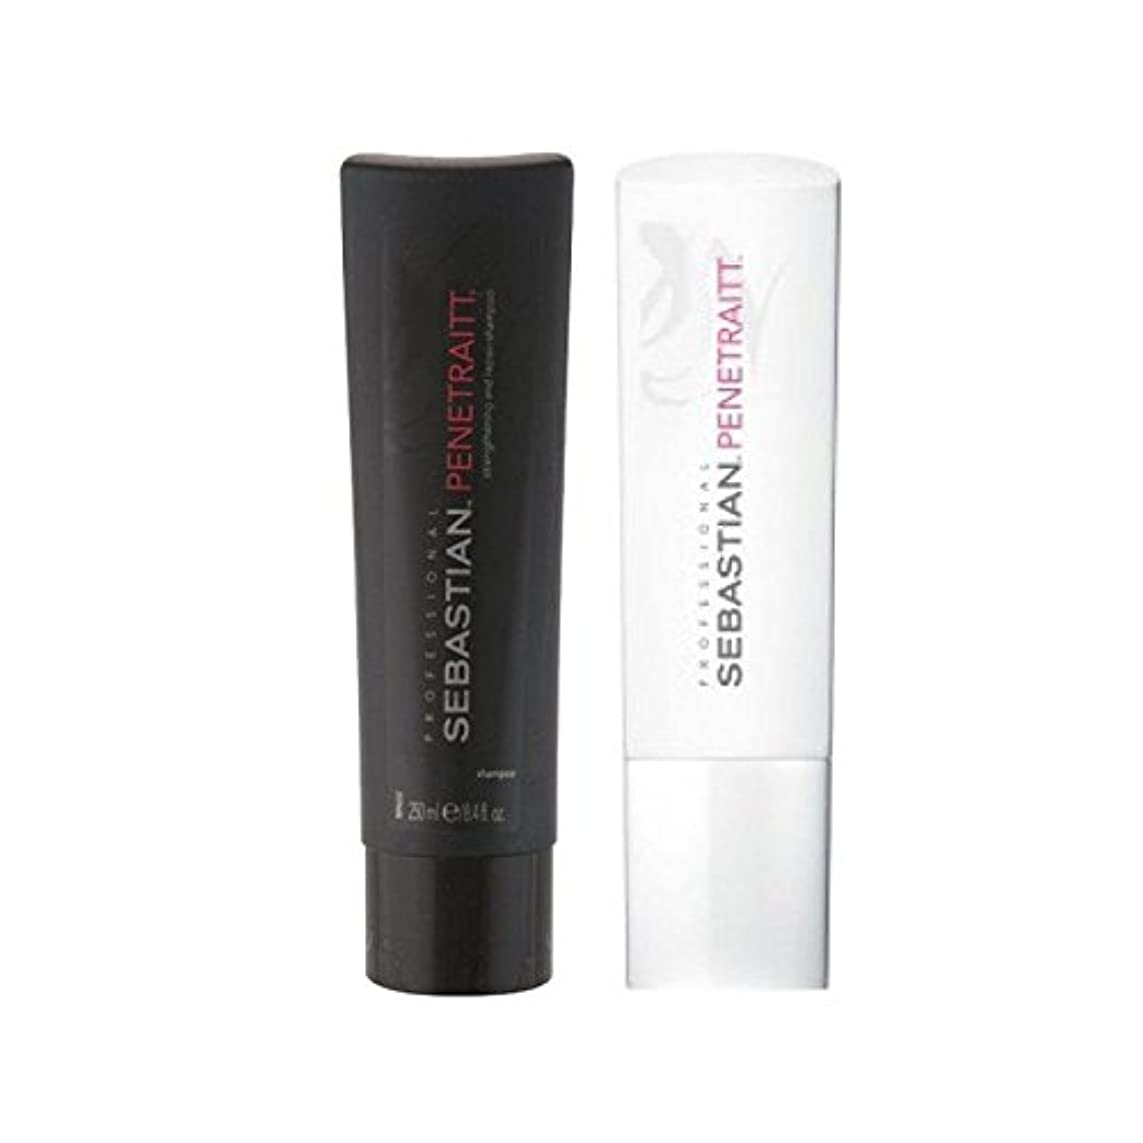 なくなる織機極小セバスチャンプロデュオ - シャンプー&コンディショナー x2 - Sebastian Professional Penetraitt Duo - Shampoo & Conditioner (Pack of 2) [並行輸入品]